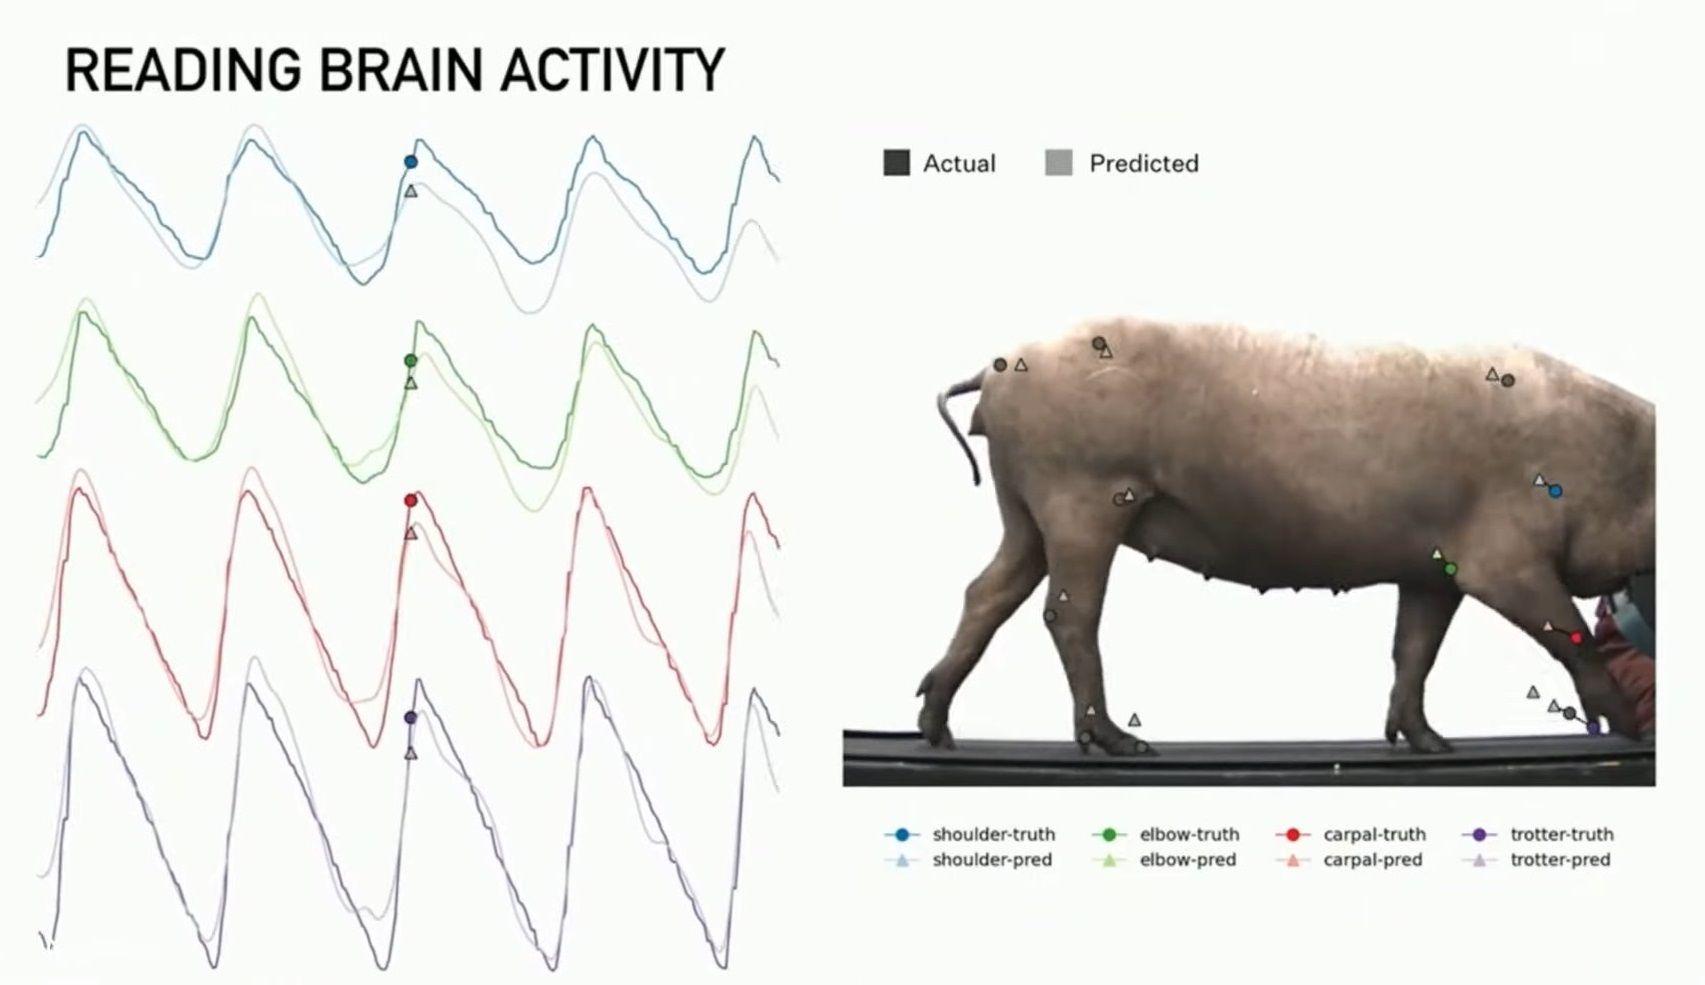 Neuralink enregistre les activités cérébrales du cochon et peut ainsi prédire où se trouvera chaque membre du cochon à tout instant.